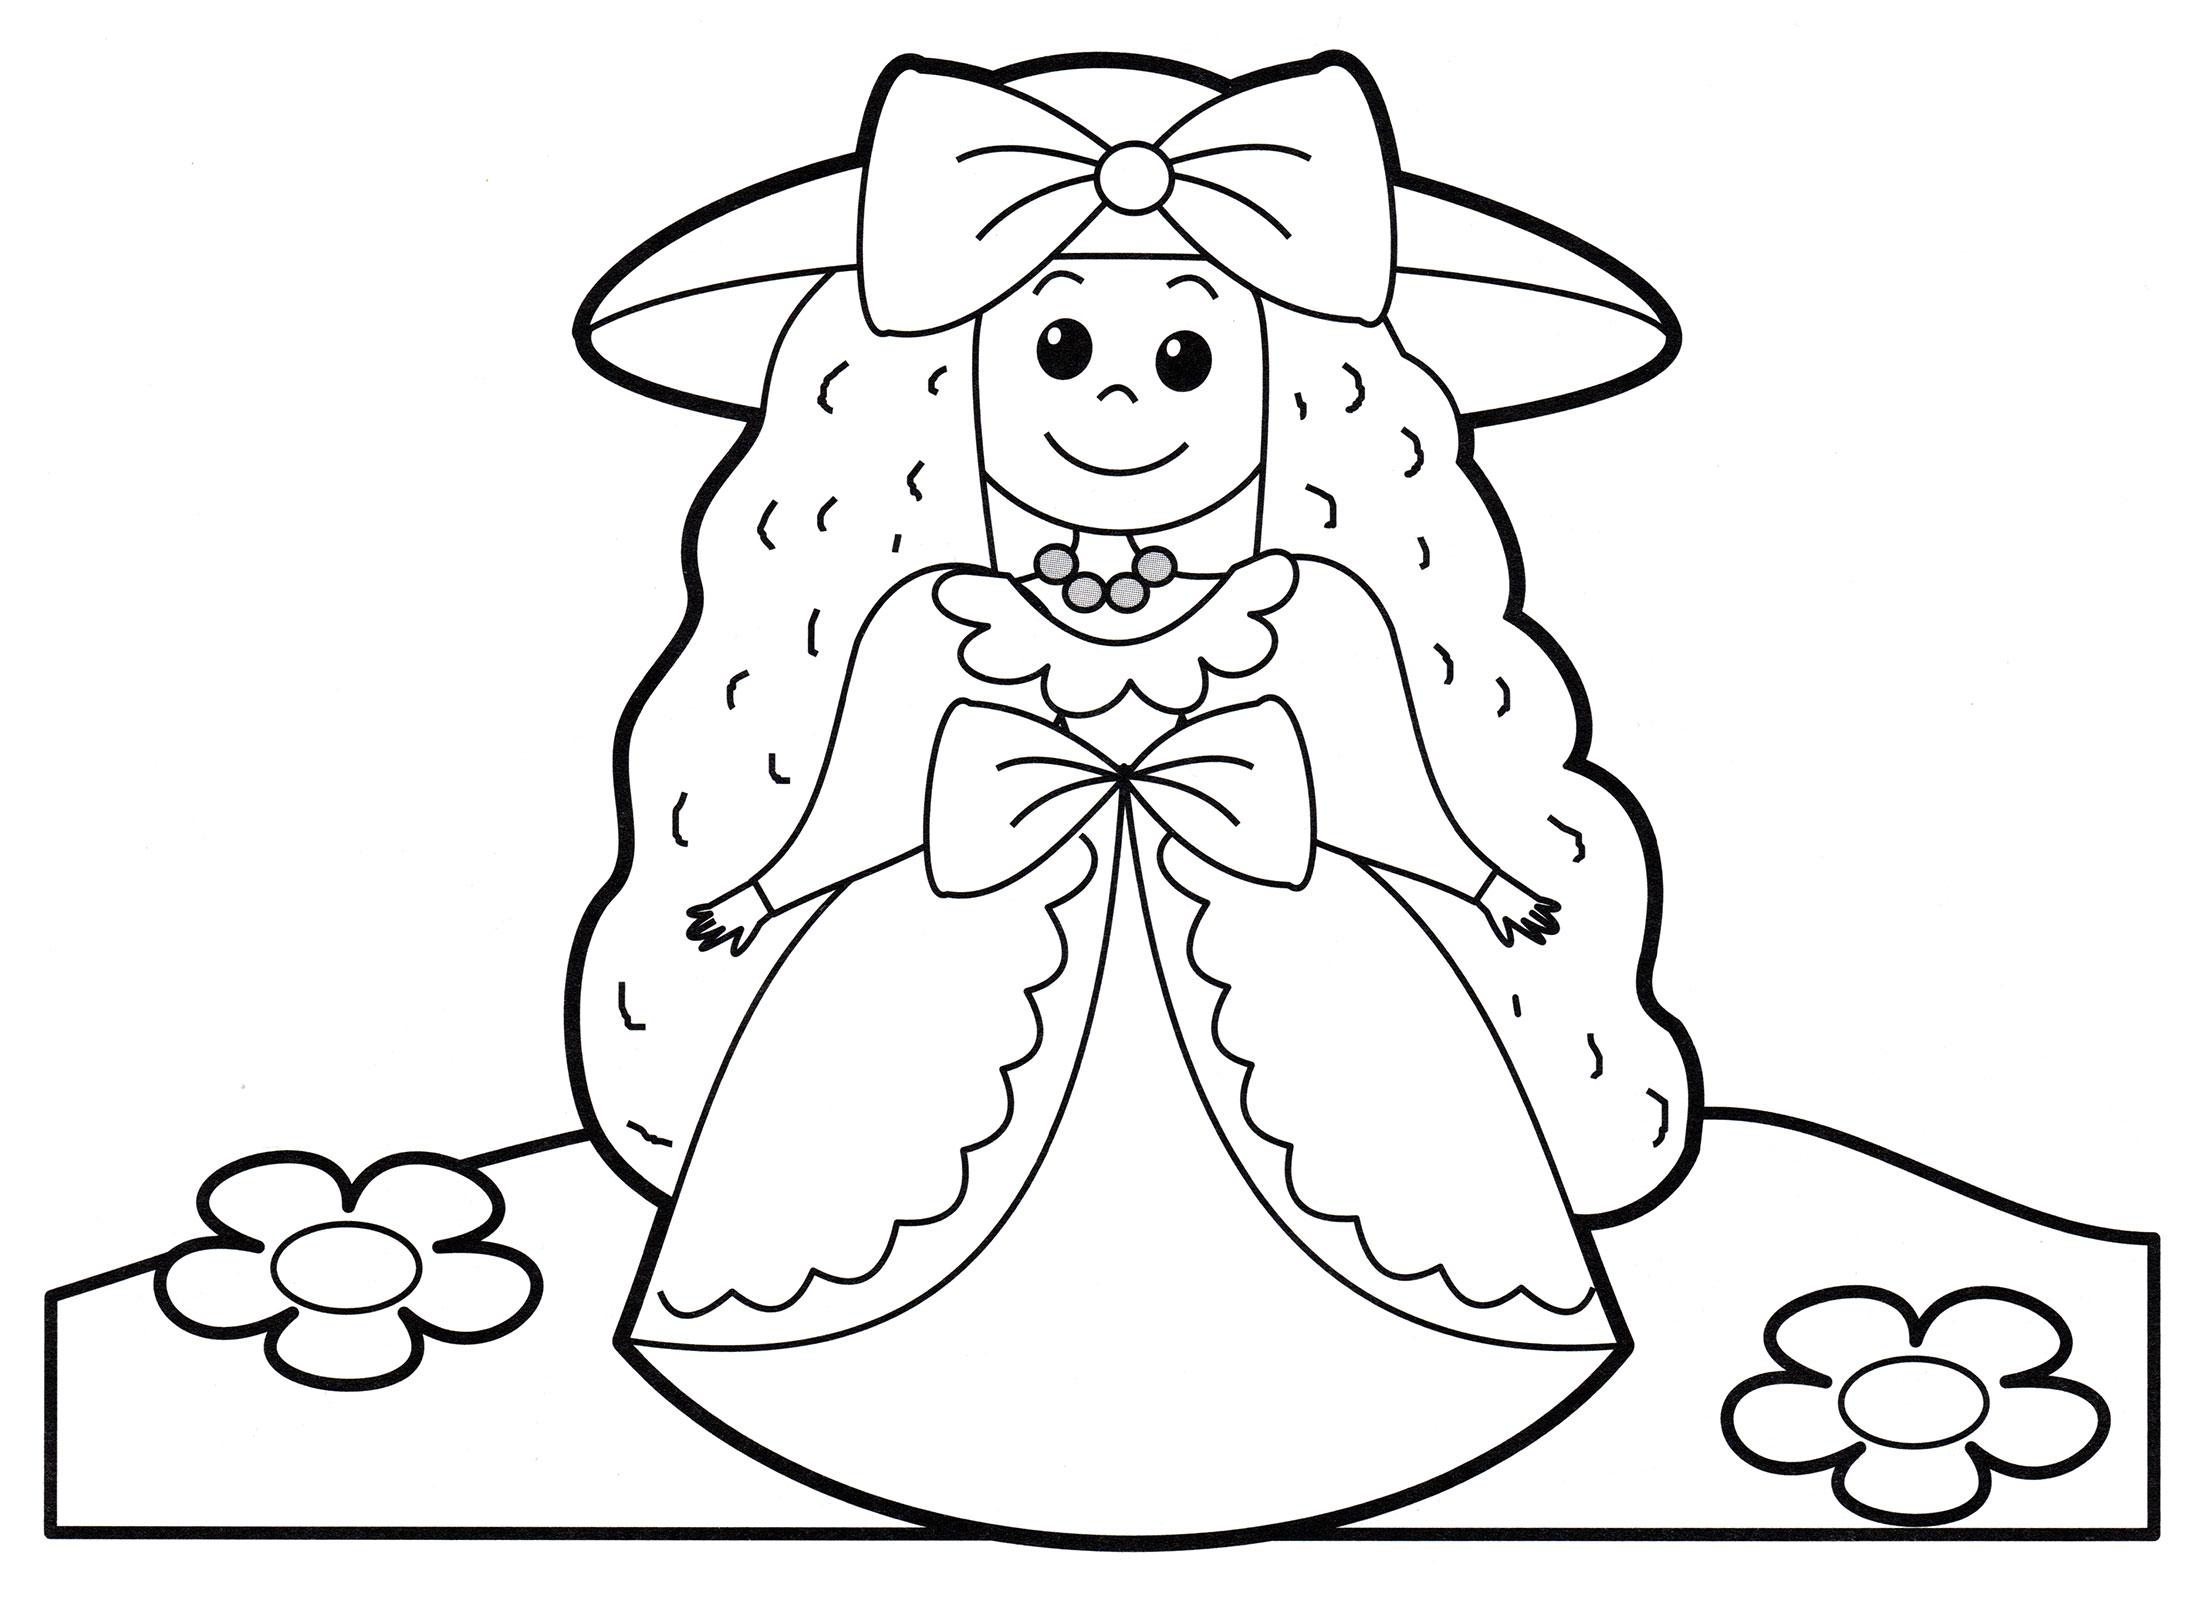 Раскраска Принцесса в красивом платье - распечатать бесплатно